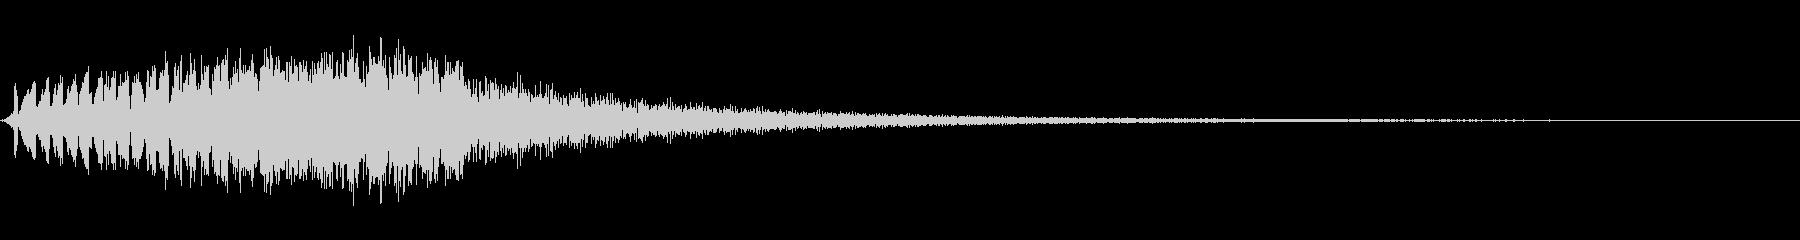 レーザーガン:シングルヒット、SC...の未再生の波形